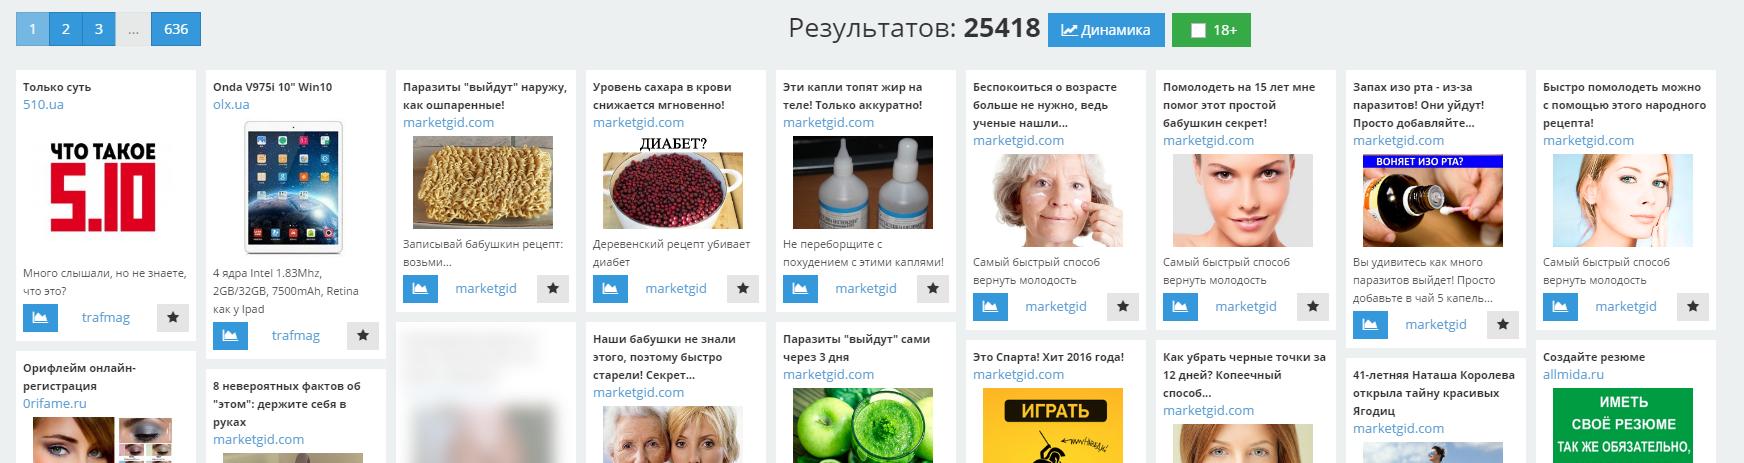 kachestve-partnerki-dlya-porno-saytov-izo